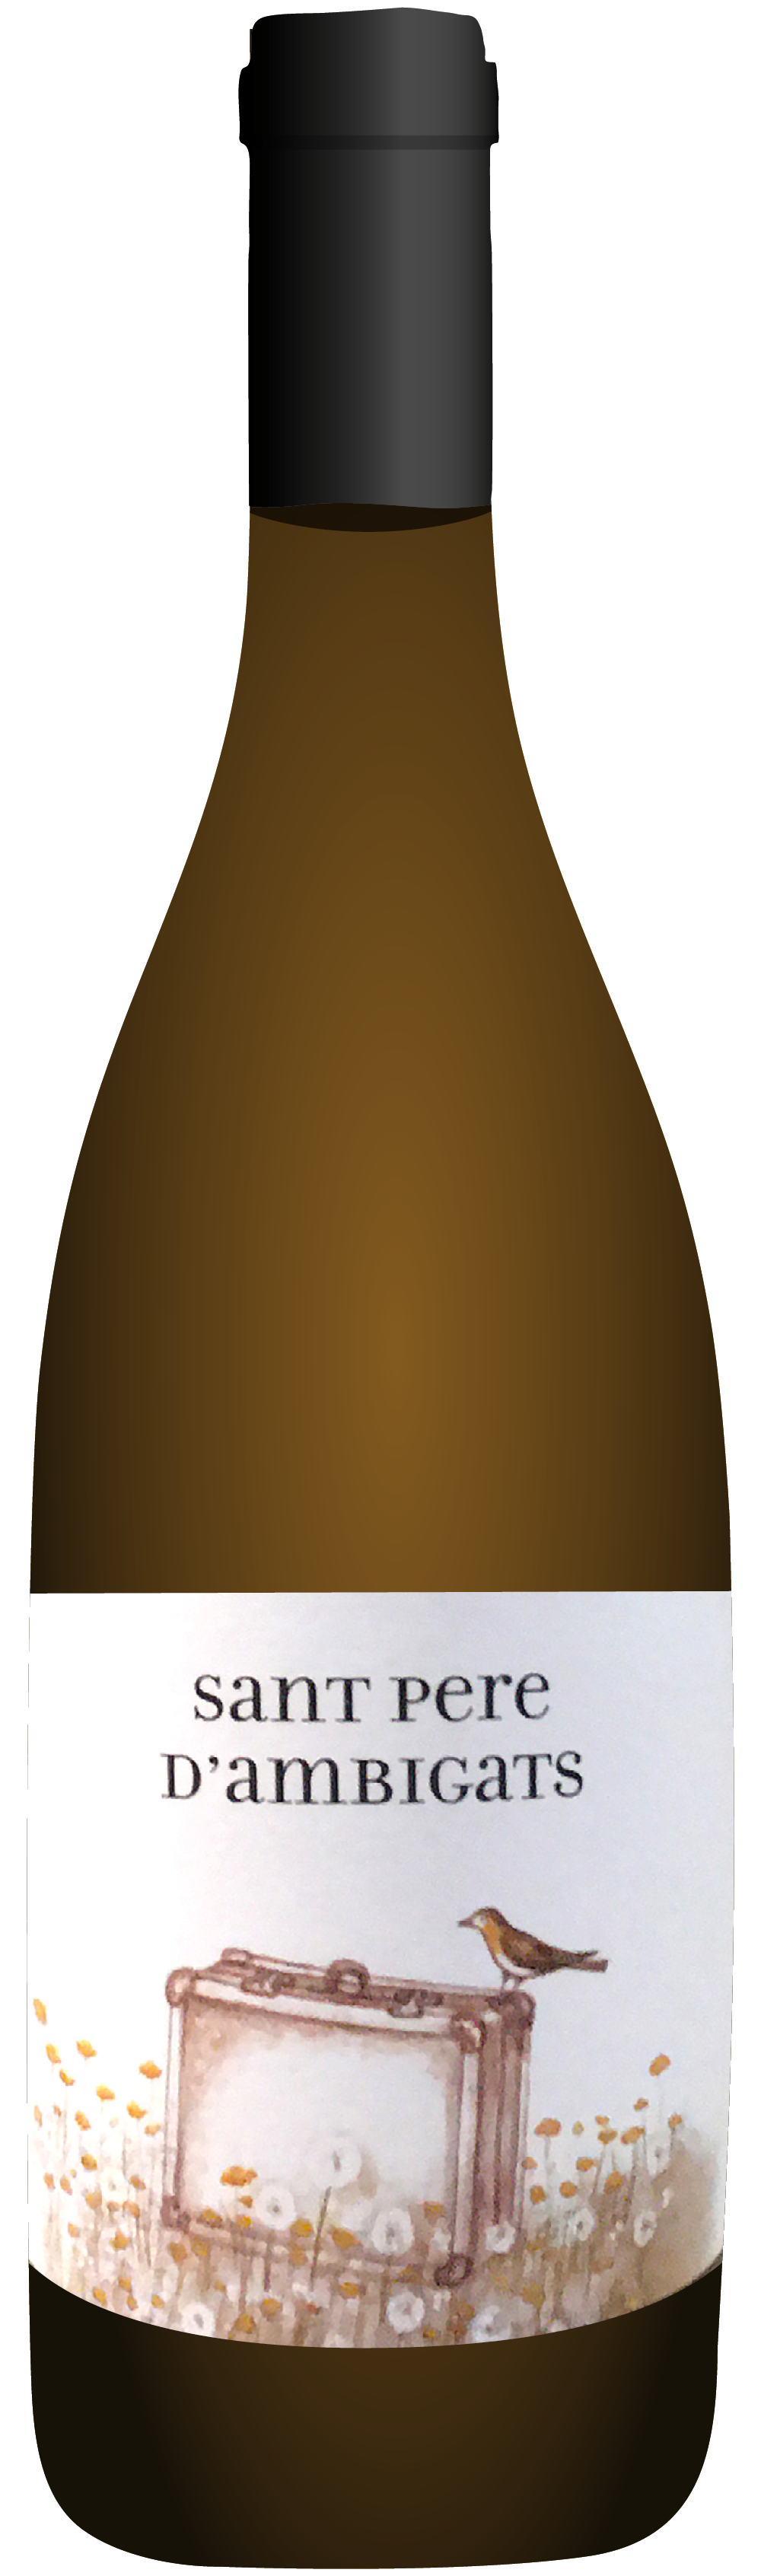 thenaturalwinecompany_october bottles_20212